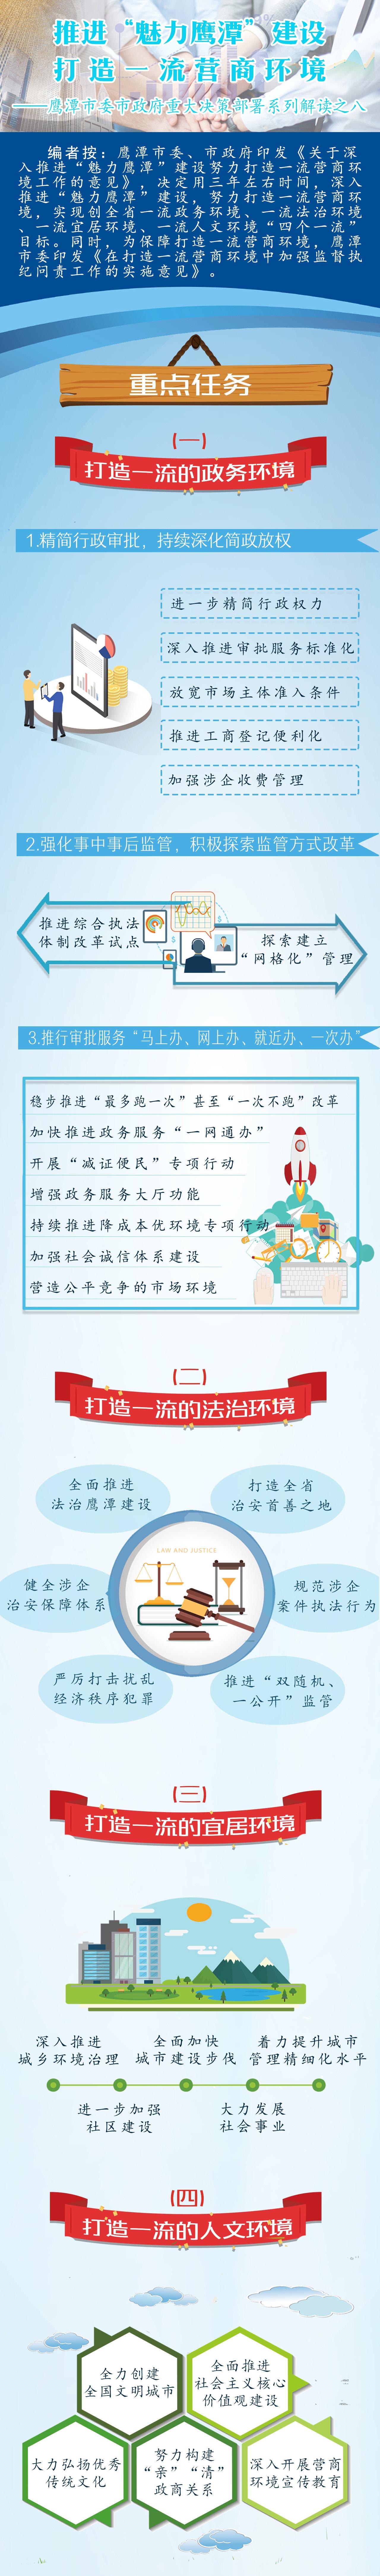 """图解丨推进""""魅力鹰潭""""建设 打造一流营商环境"""